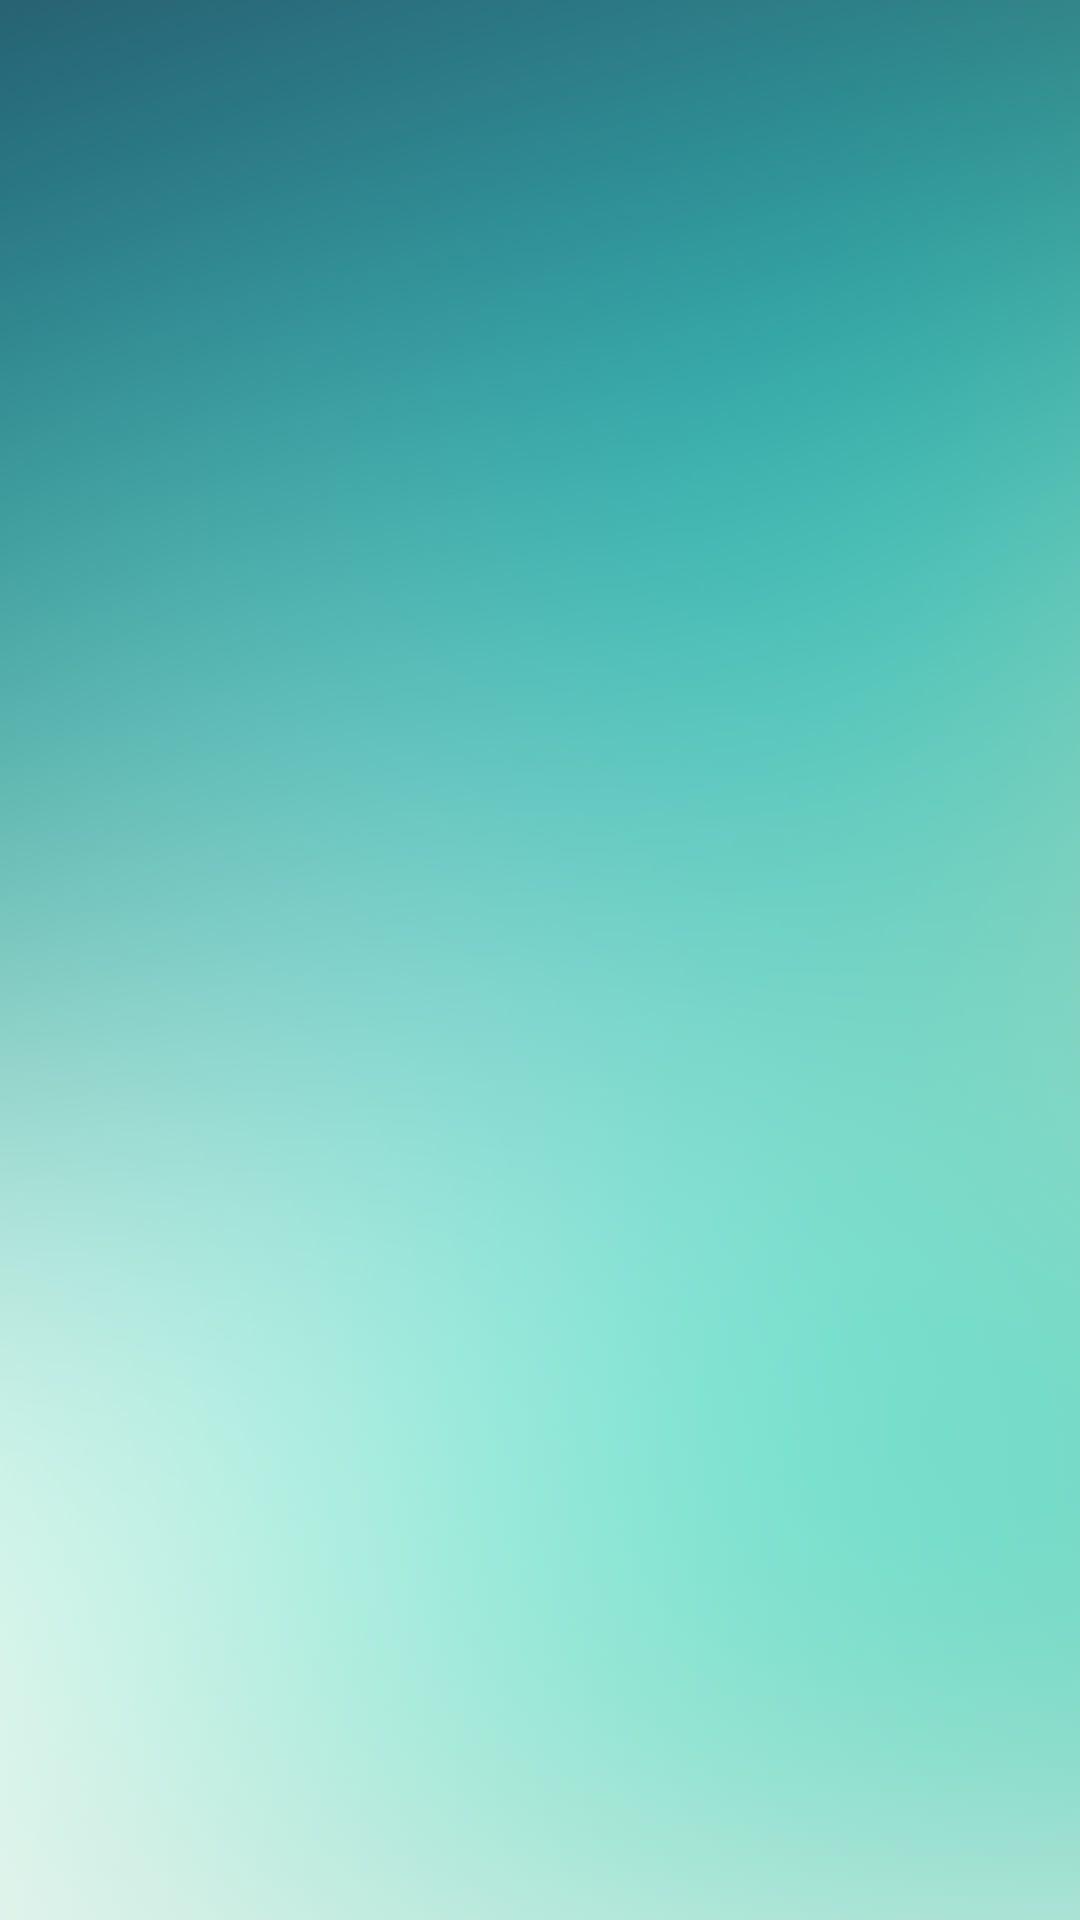 solid color wallpapers desktop 70 images. Black Bedroom Furniture Sets. Home Design Ideas